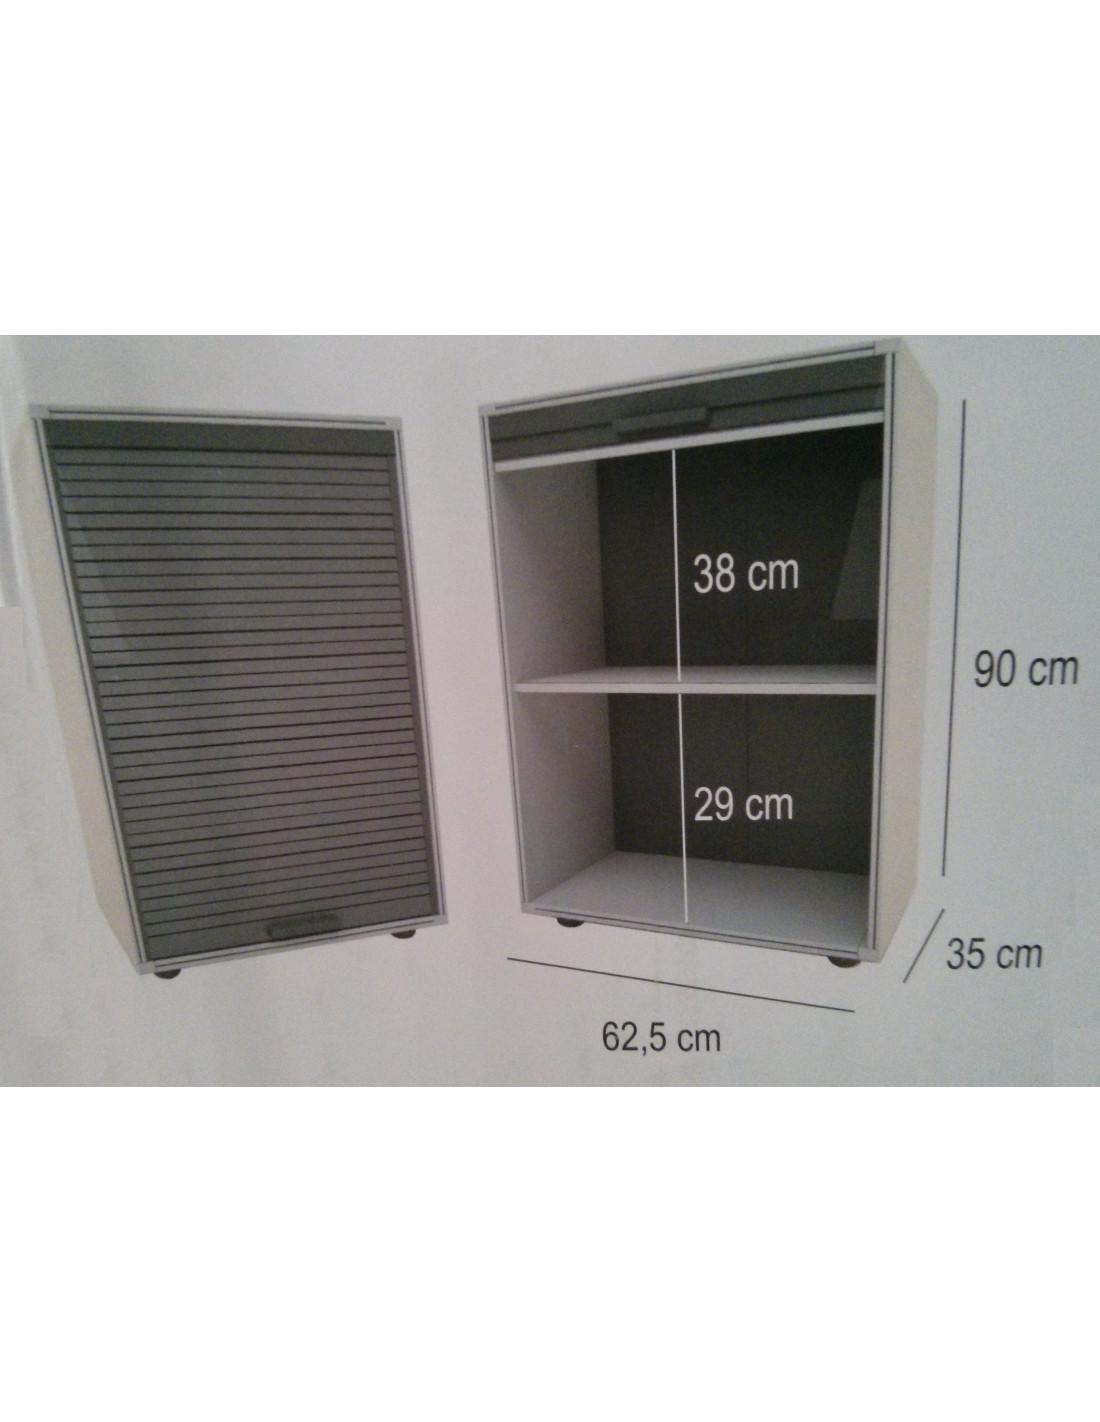 Modulo armario con puertas de persiana garaje 90x62 5cm tienda de camping online - Armarios para garaje ...